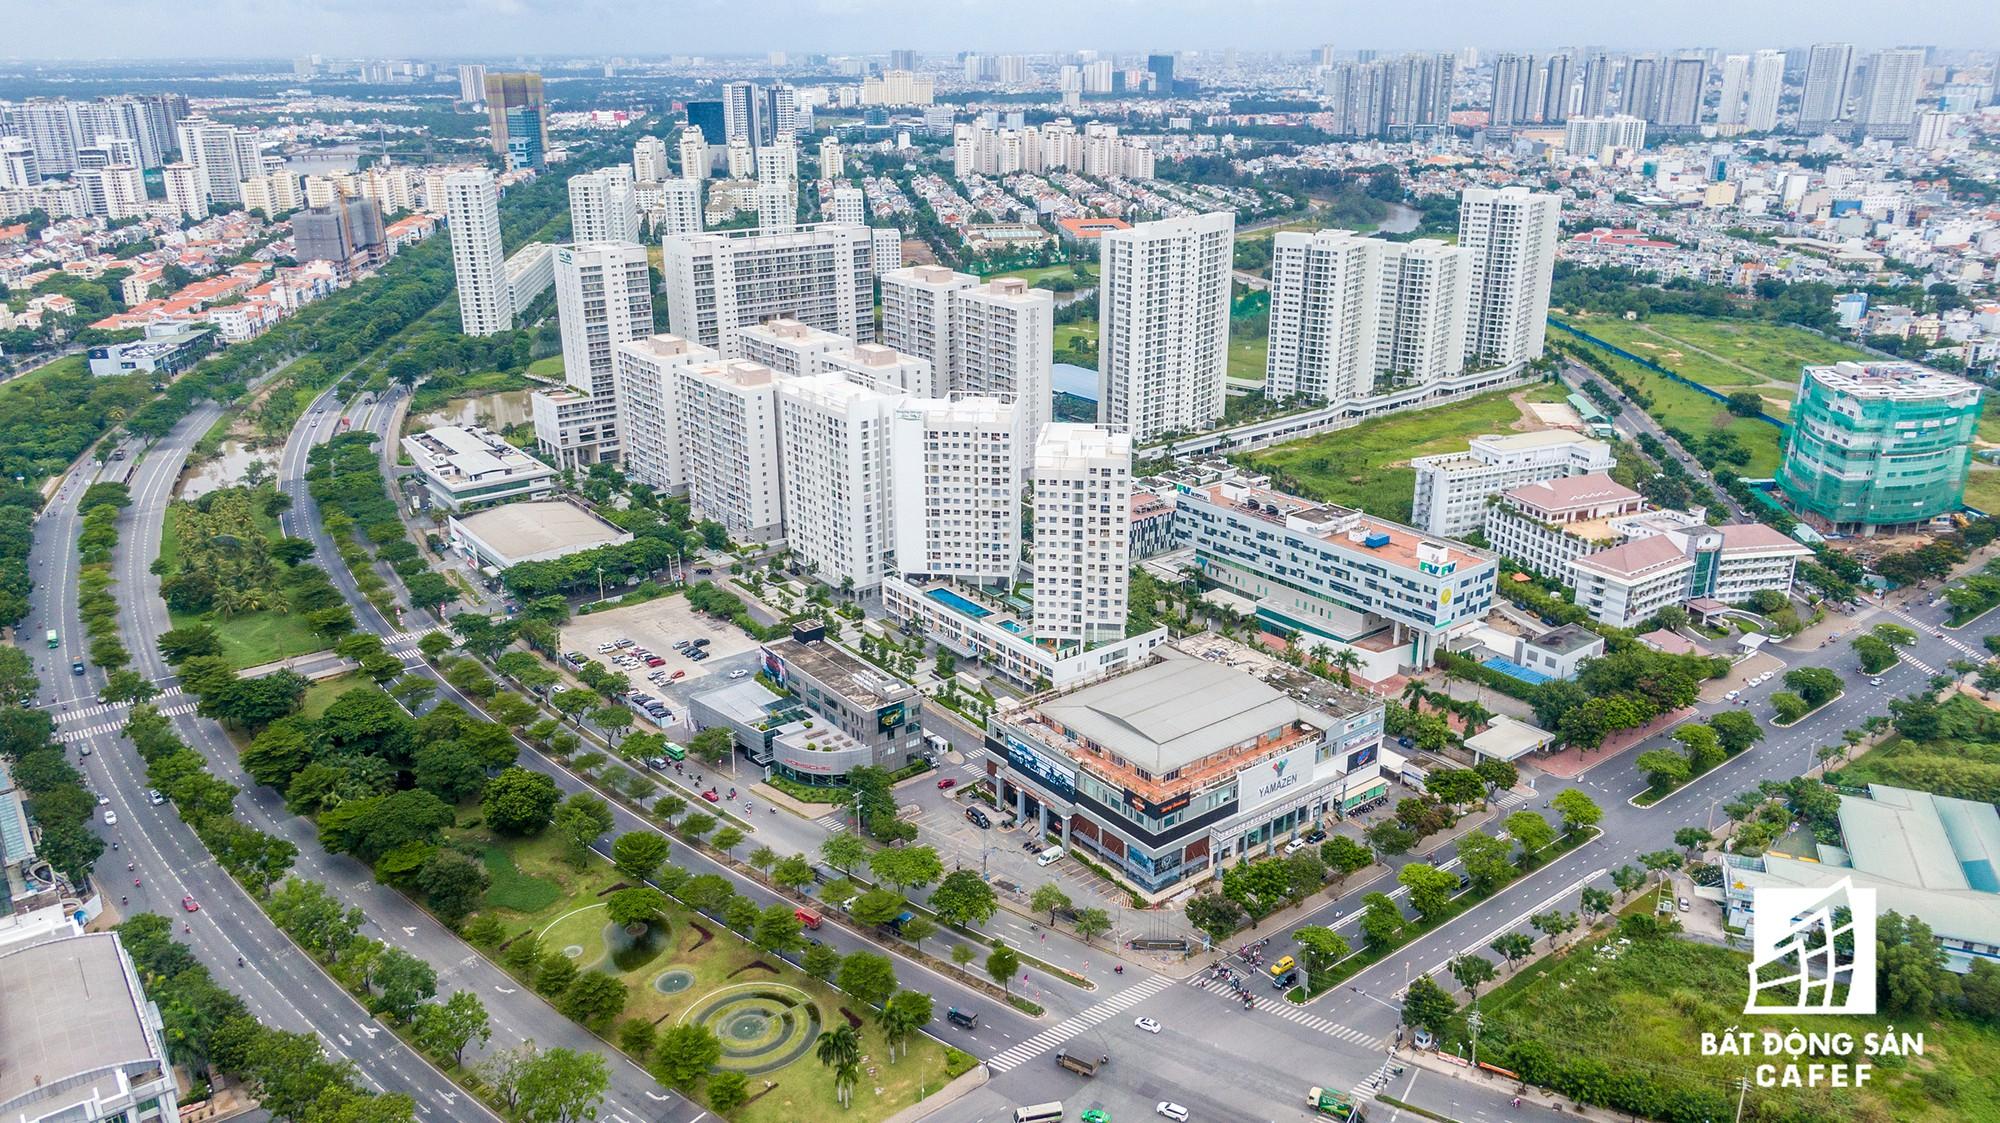 Thị trường căn hộ hạng sang: Từ thời dát vàng đến kỷ nguyên của những căn hộ hạng sang